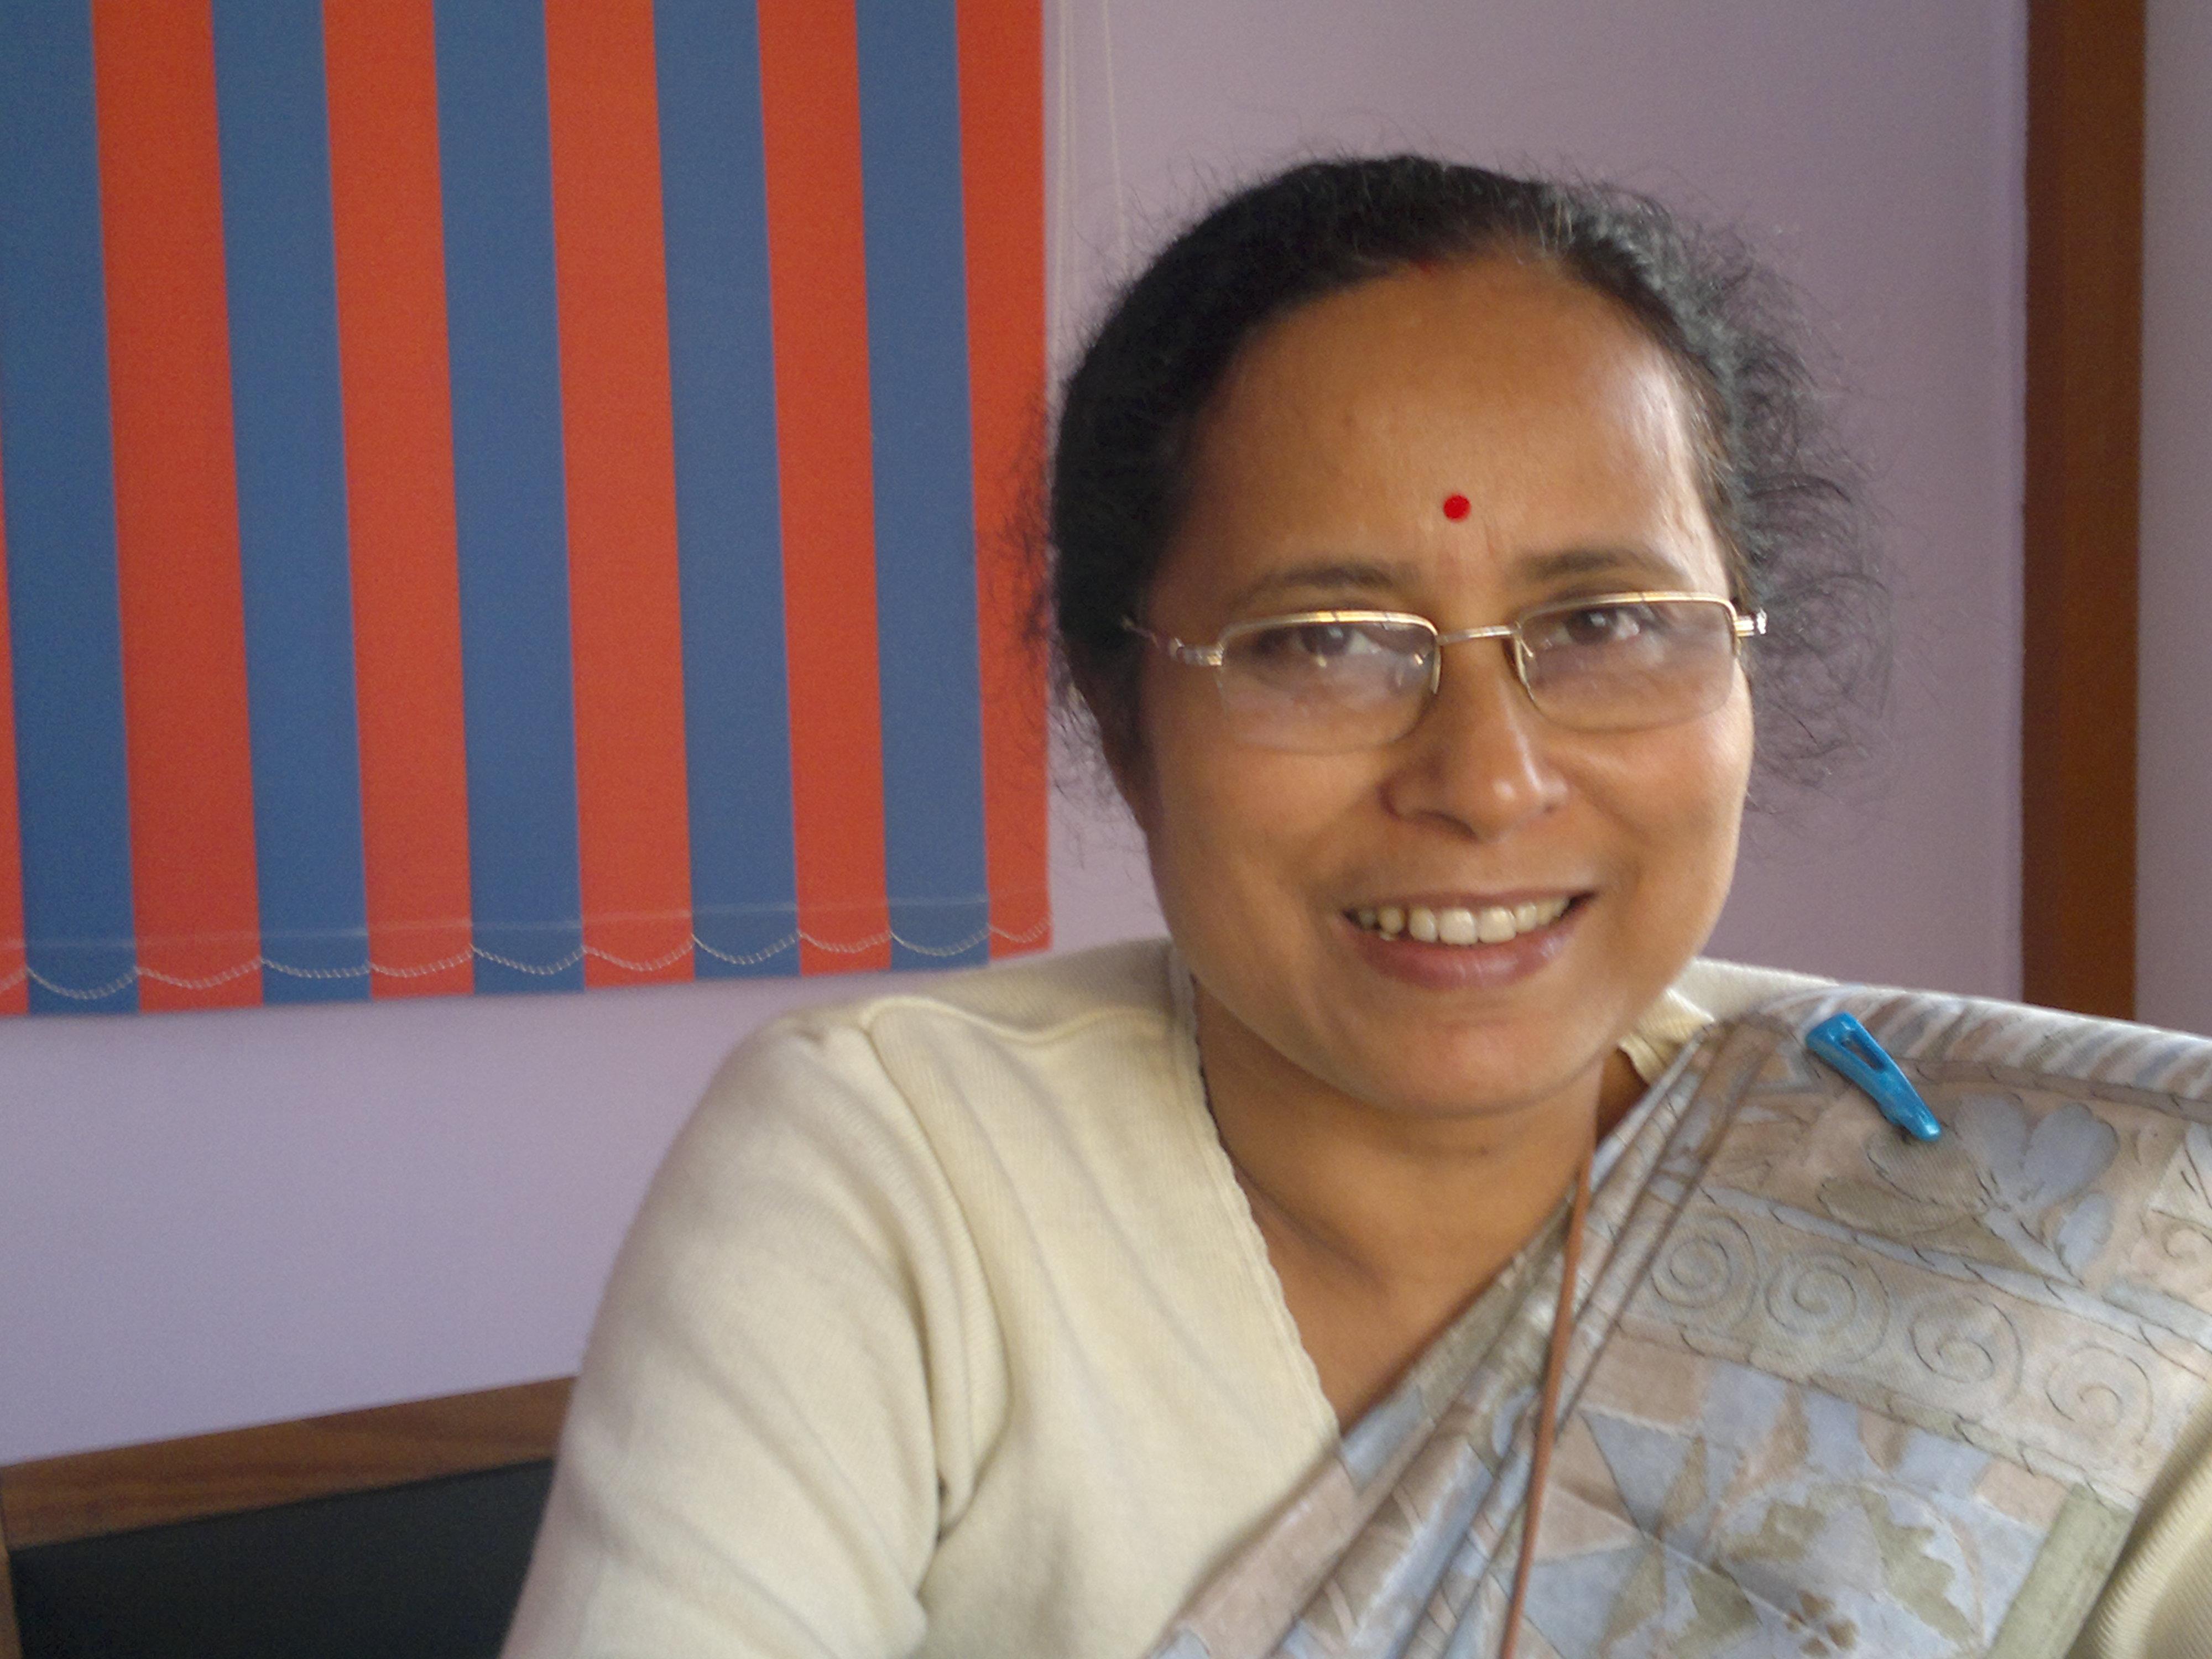 Kalyanee Boruah